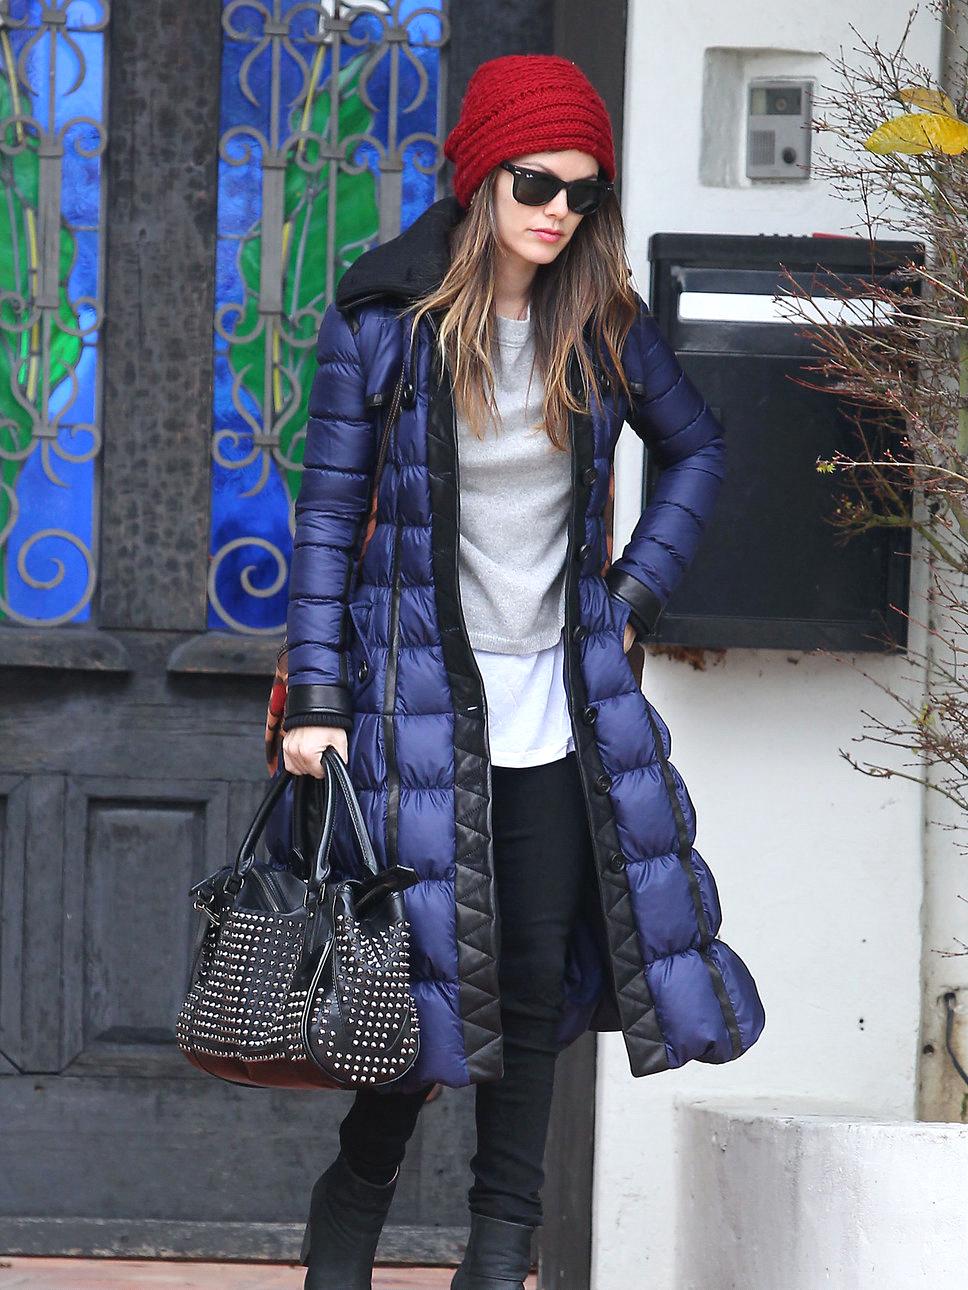 ダウンコートは冬の本命♡レディース人気ブランドをチェッ  ク☆のサムネイル画像